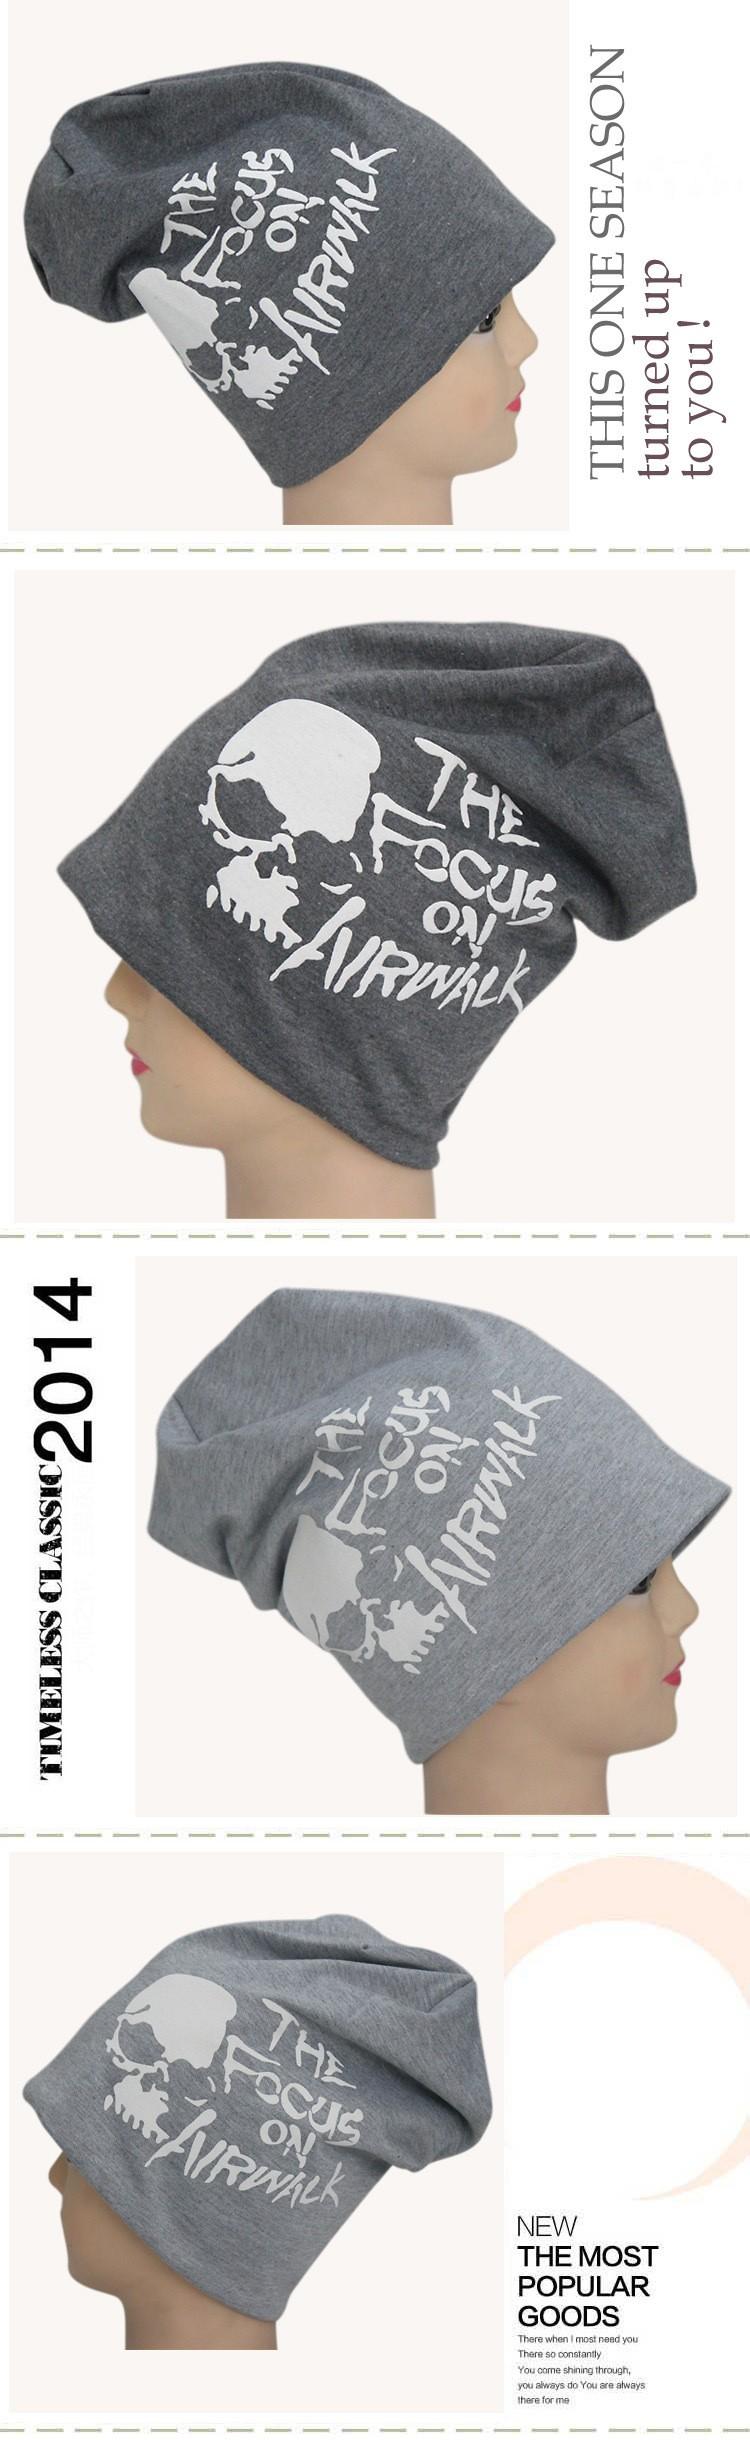 cb05d1a913f Turban Hip hop dance turtleneck cap fashion pirates hat clothes ...